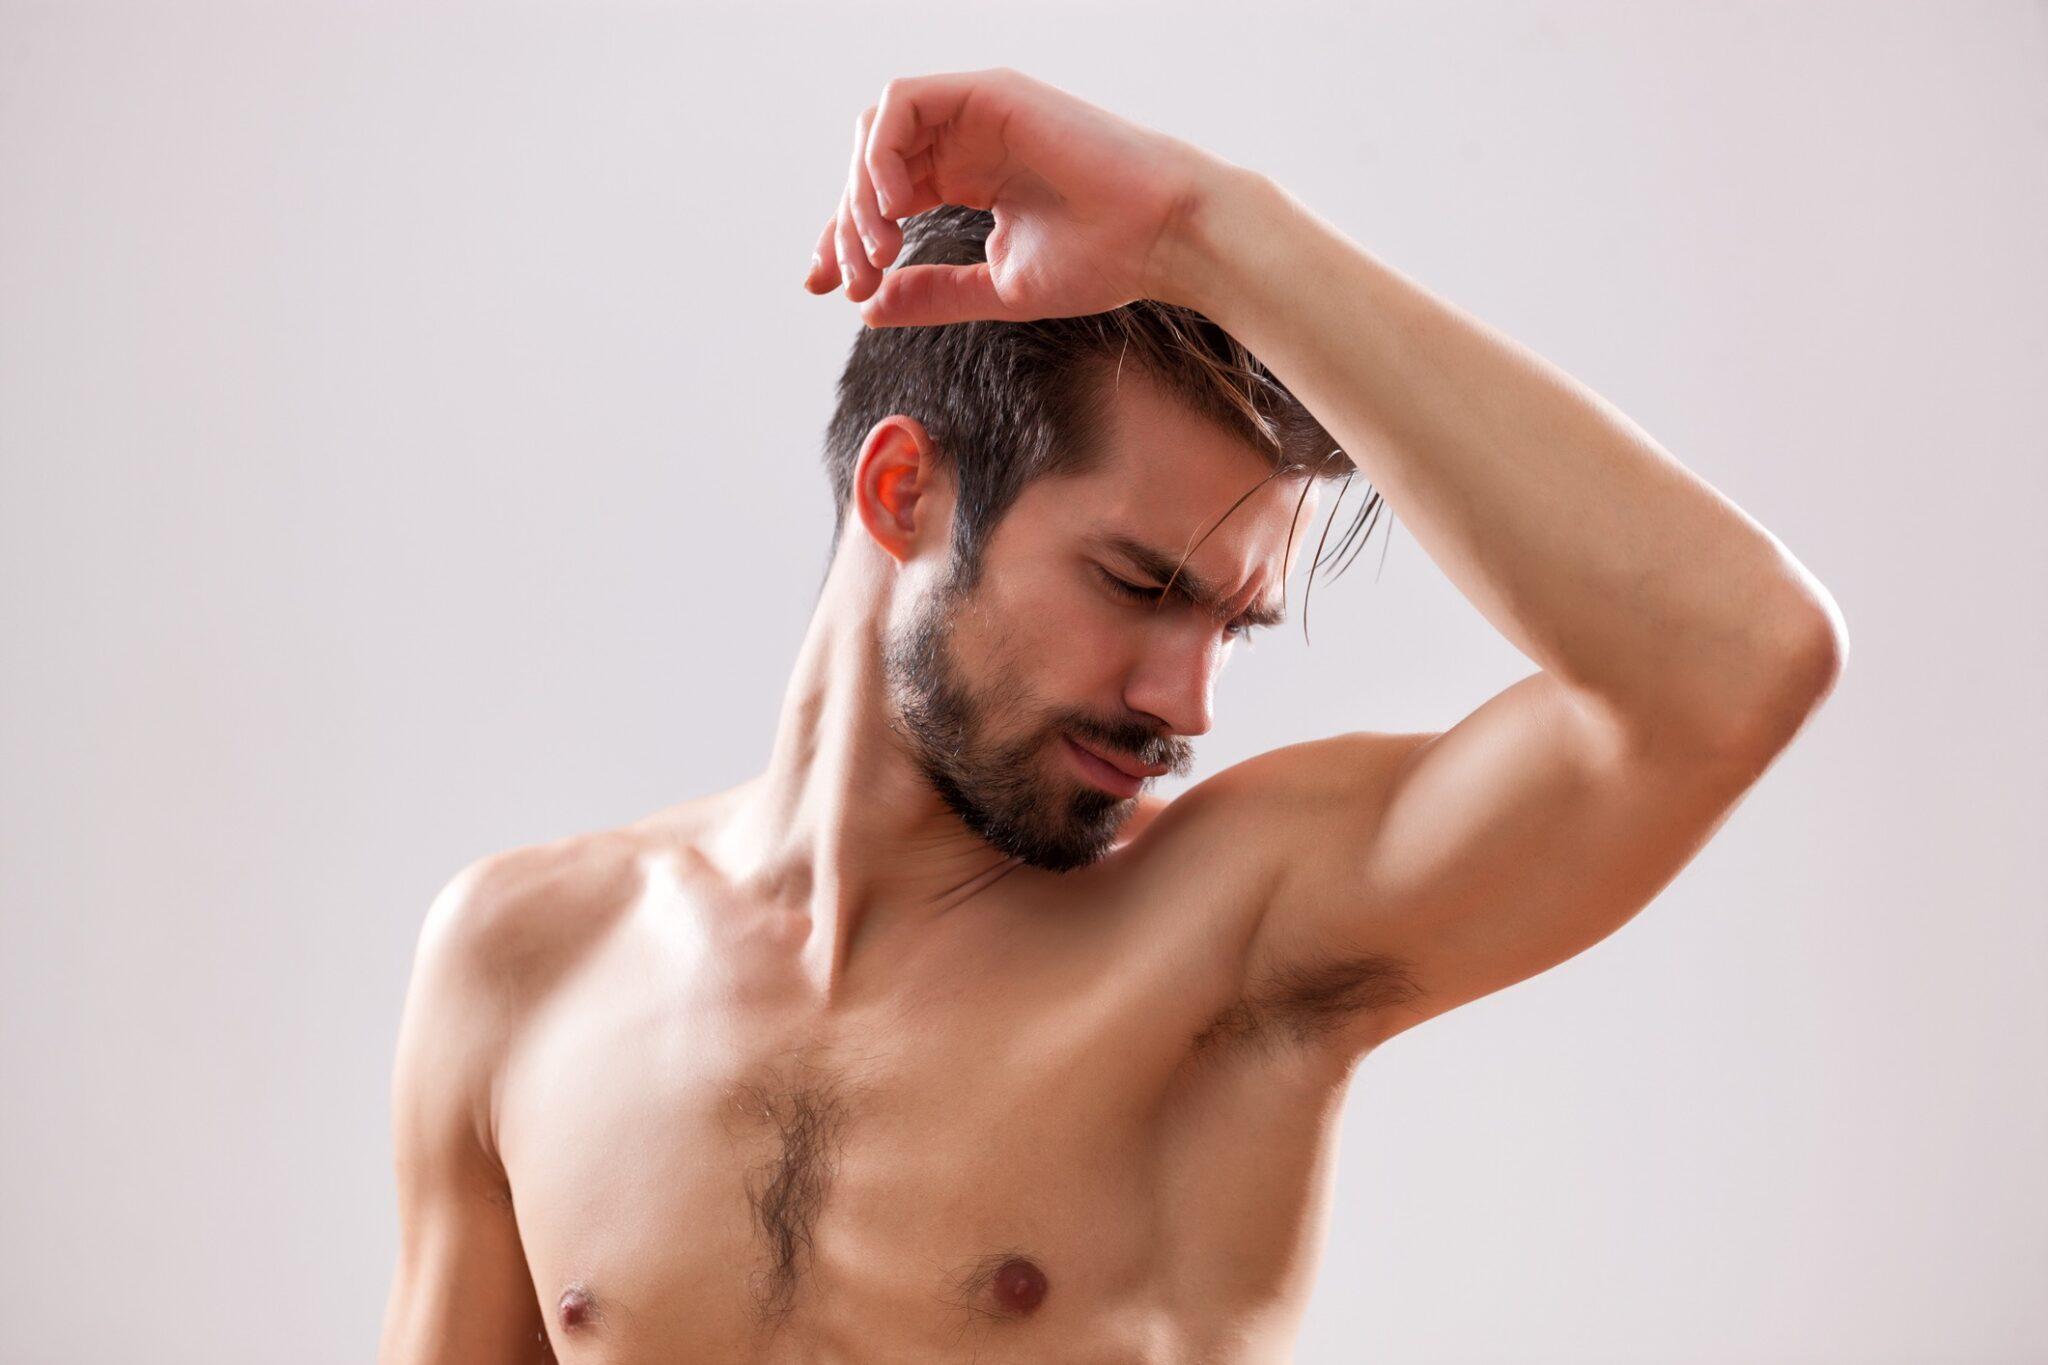 Nam giới có nên tẩy lông nách không? Và đây là lời giải đáp đúng đắn nhất